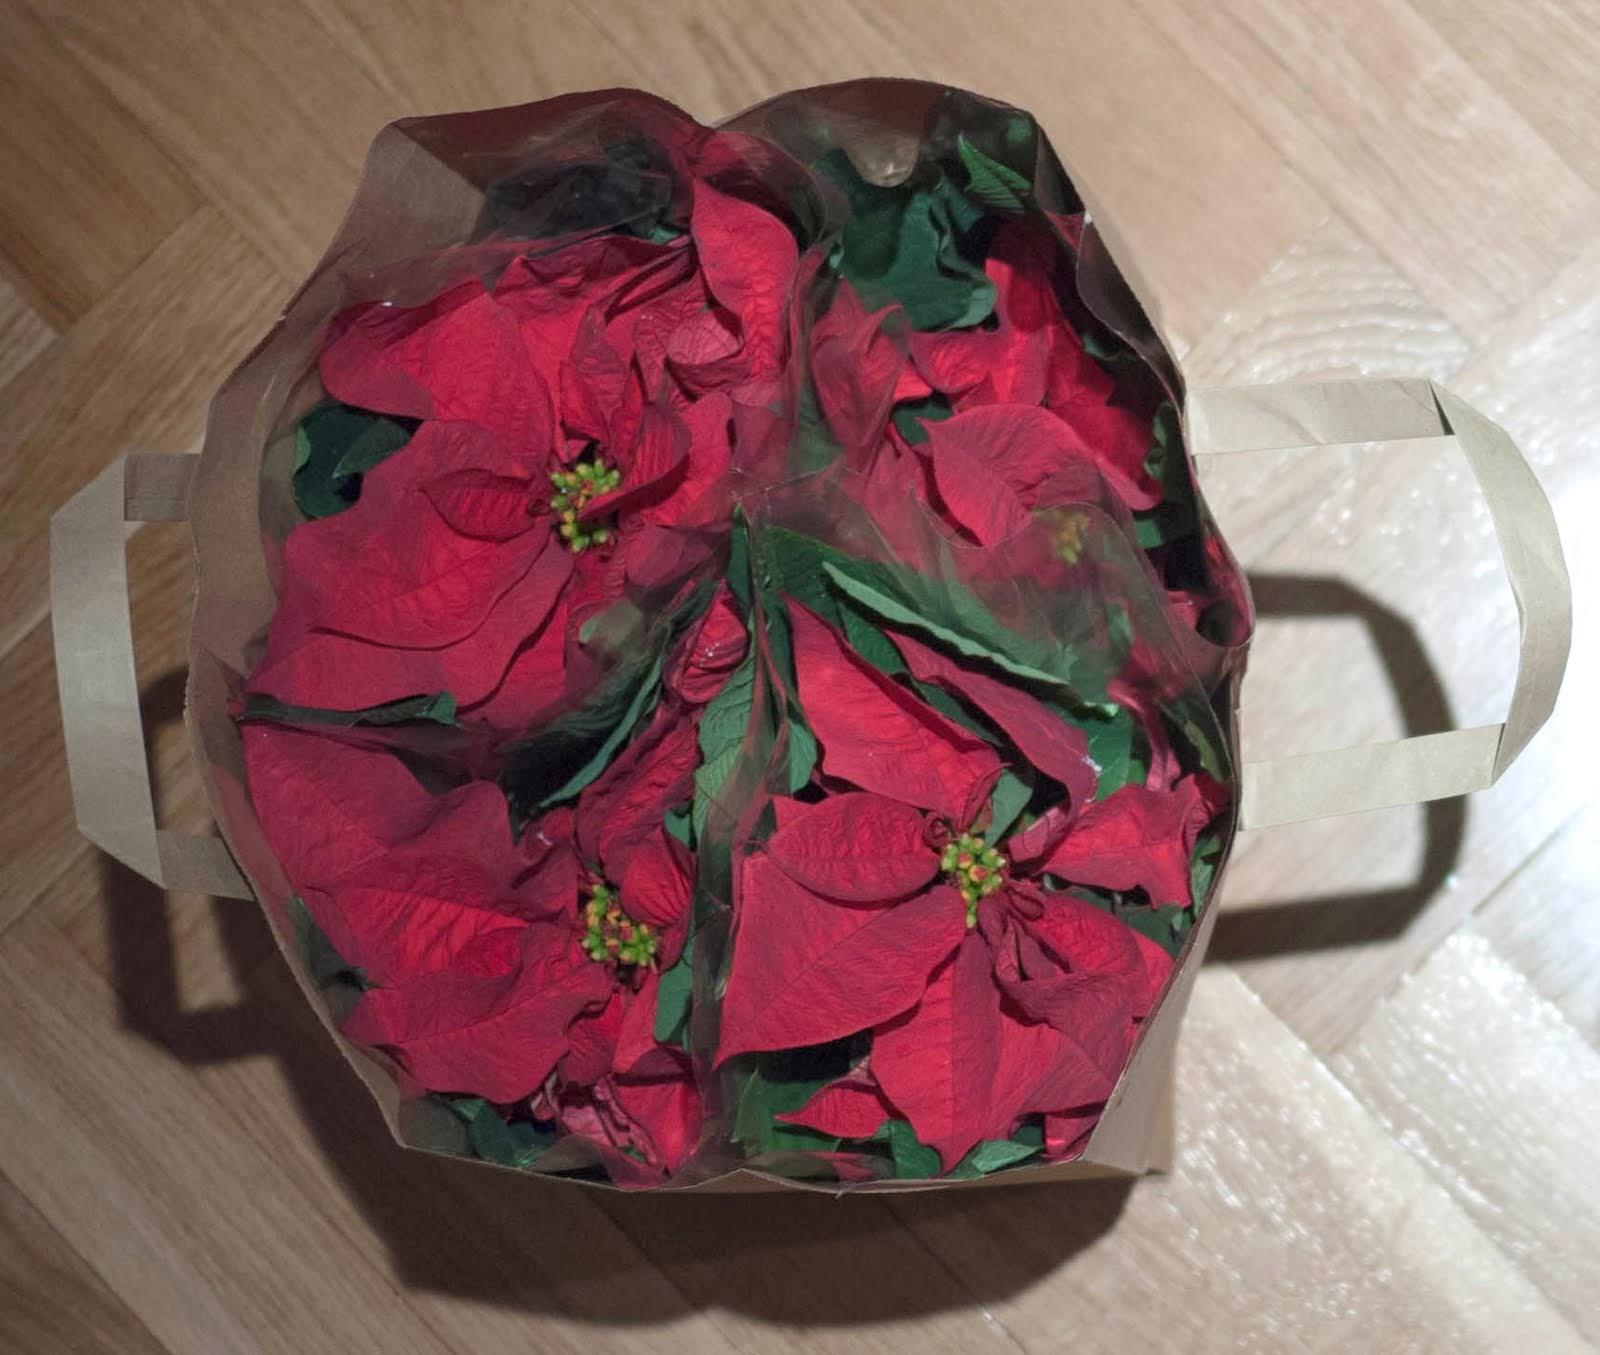 Flores de Pascua listas para regalar a los profesores en Navidad